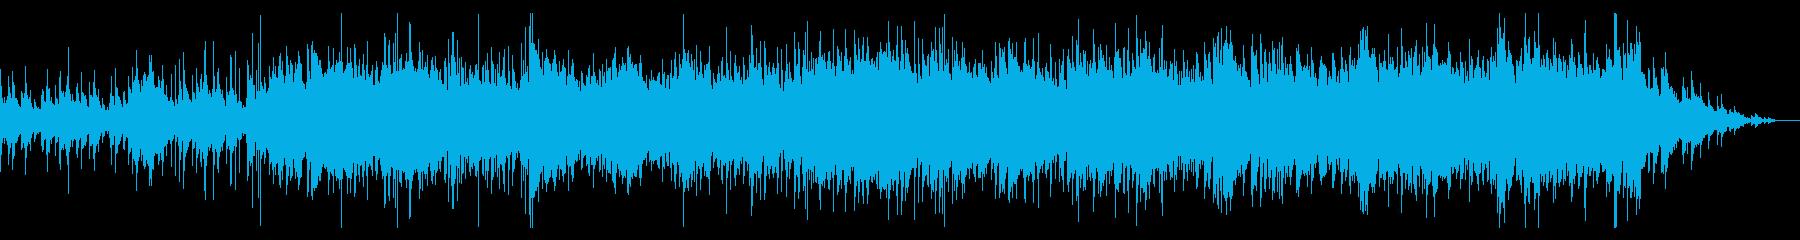 ホラー風味のダークなBGMの再生済みの波形